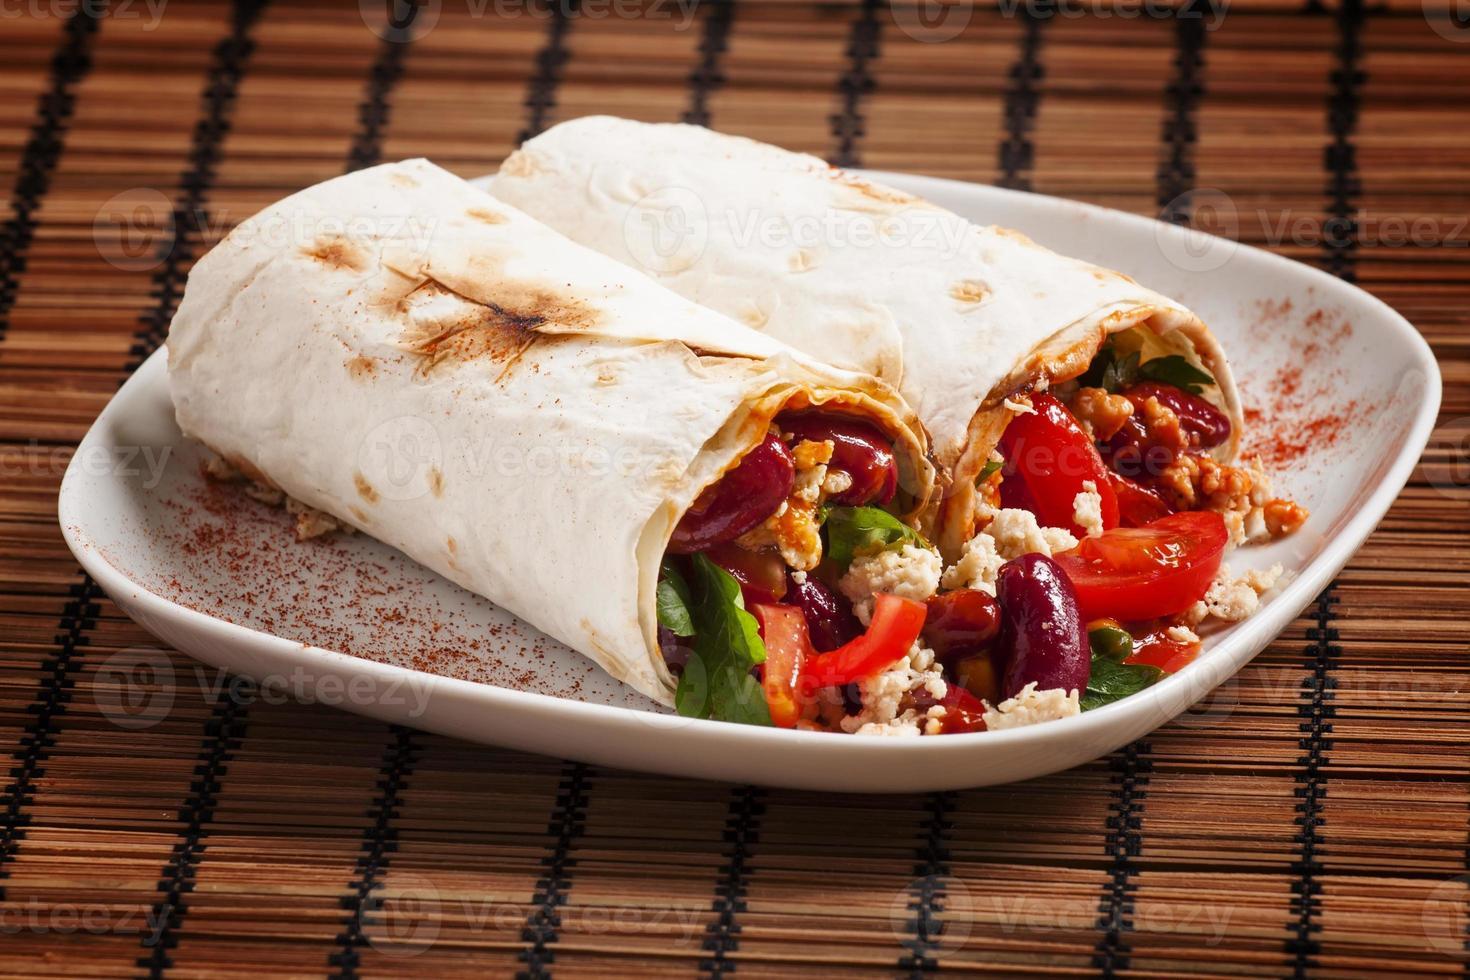 comida mexicana tradicional, burritos com carne e feijão, selectiv foto